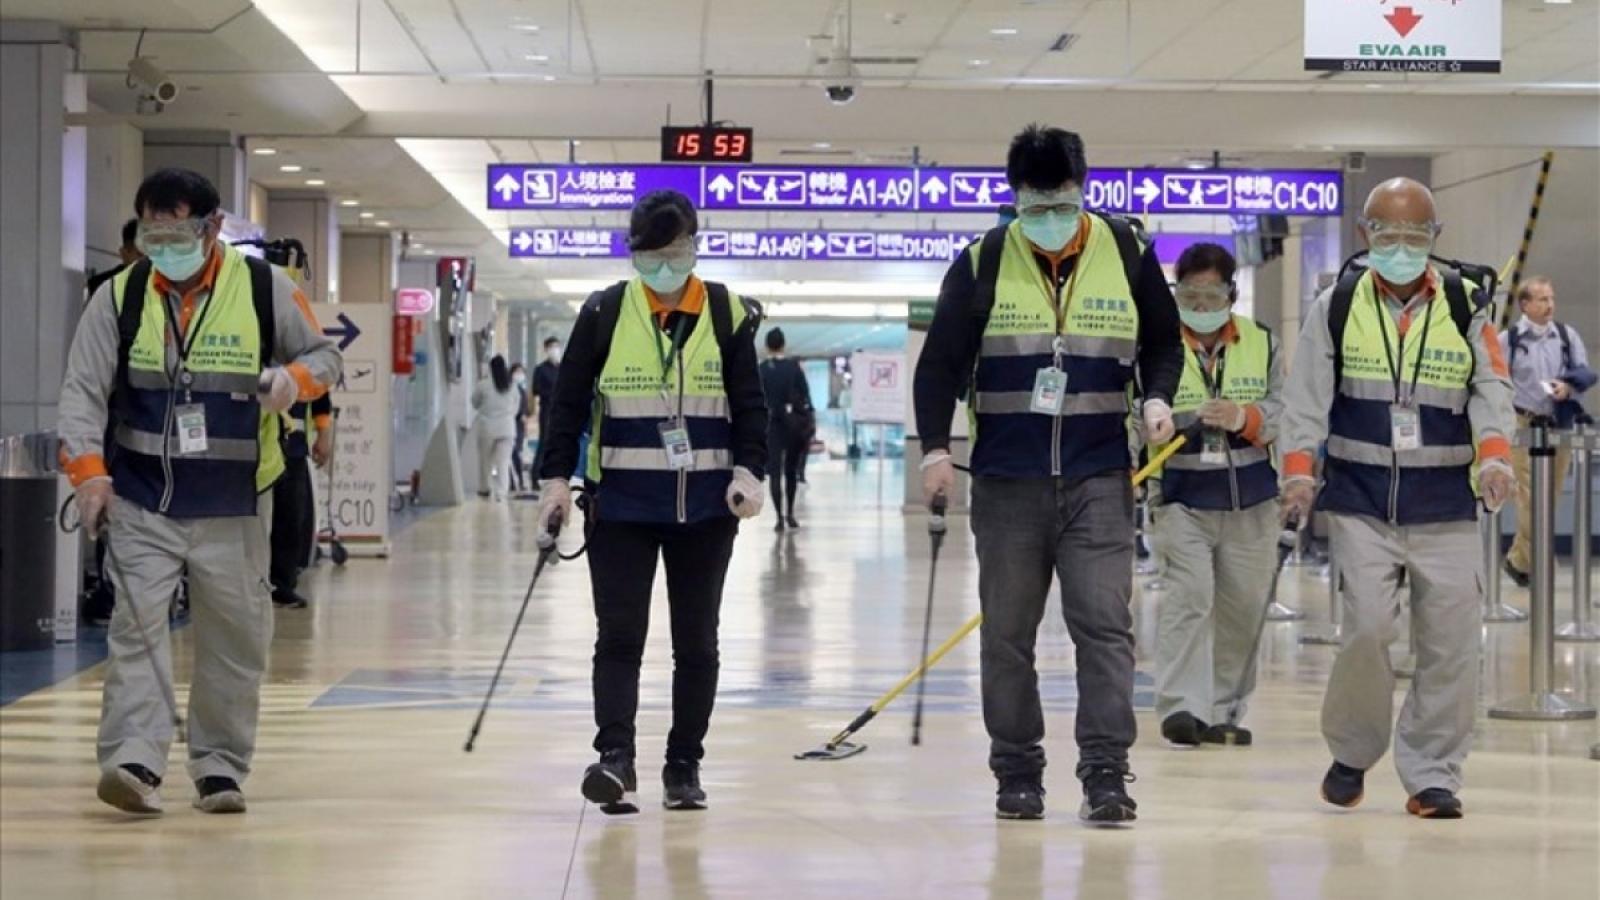 Đài Loan (Trung Quốc) liên tục phải bổ sung số liệu Covid-19